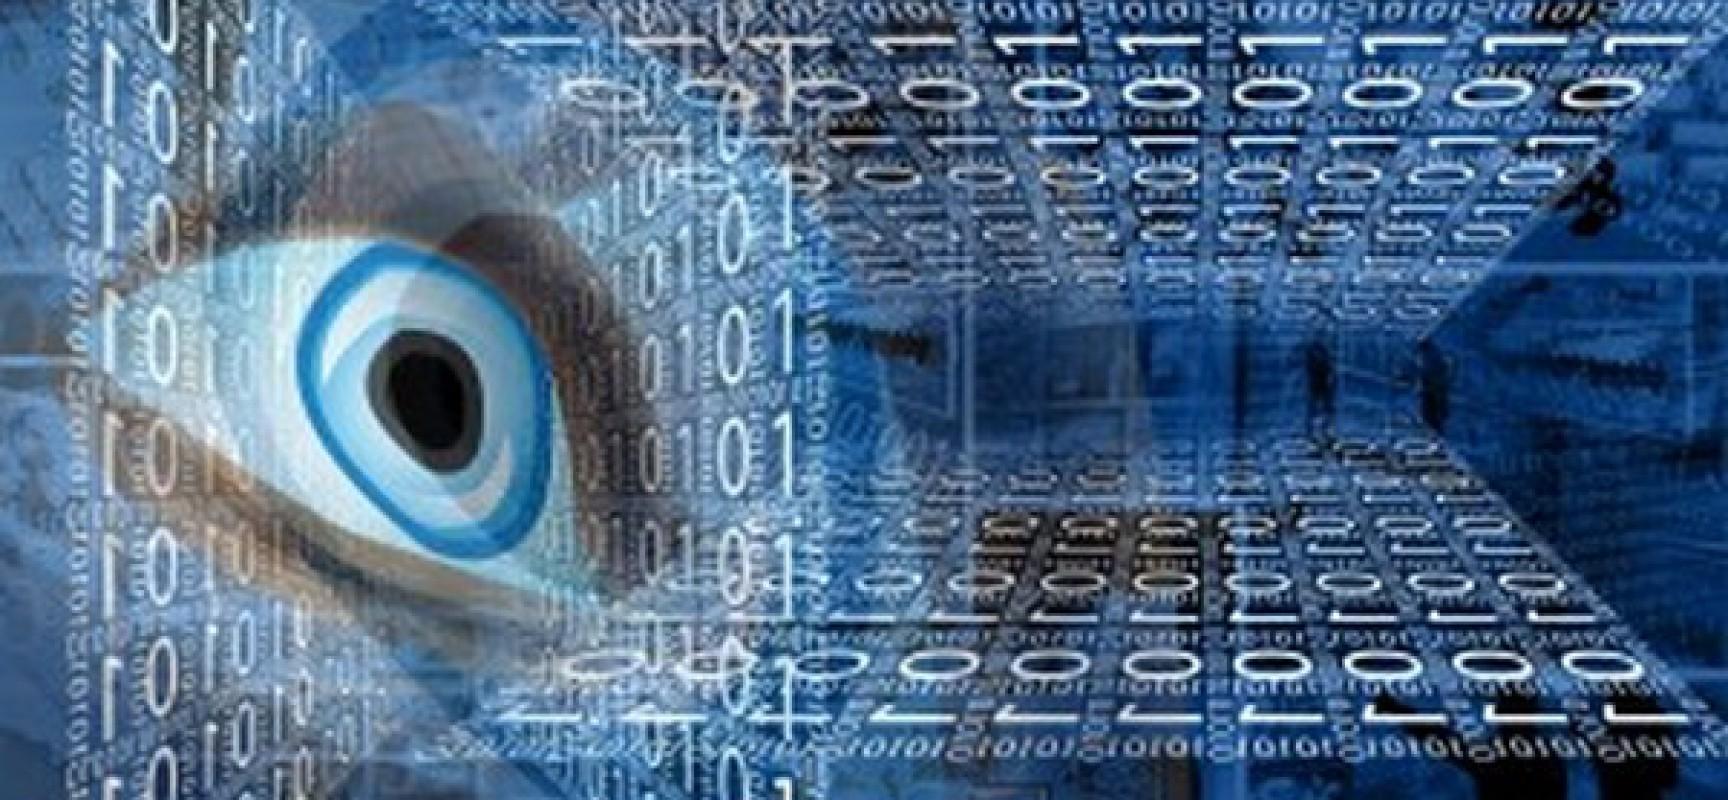 Morpho : fichier monstre, systèmes prédictifs, et p'tits PPP